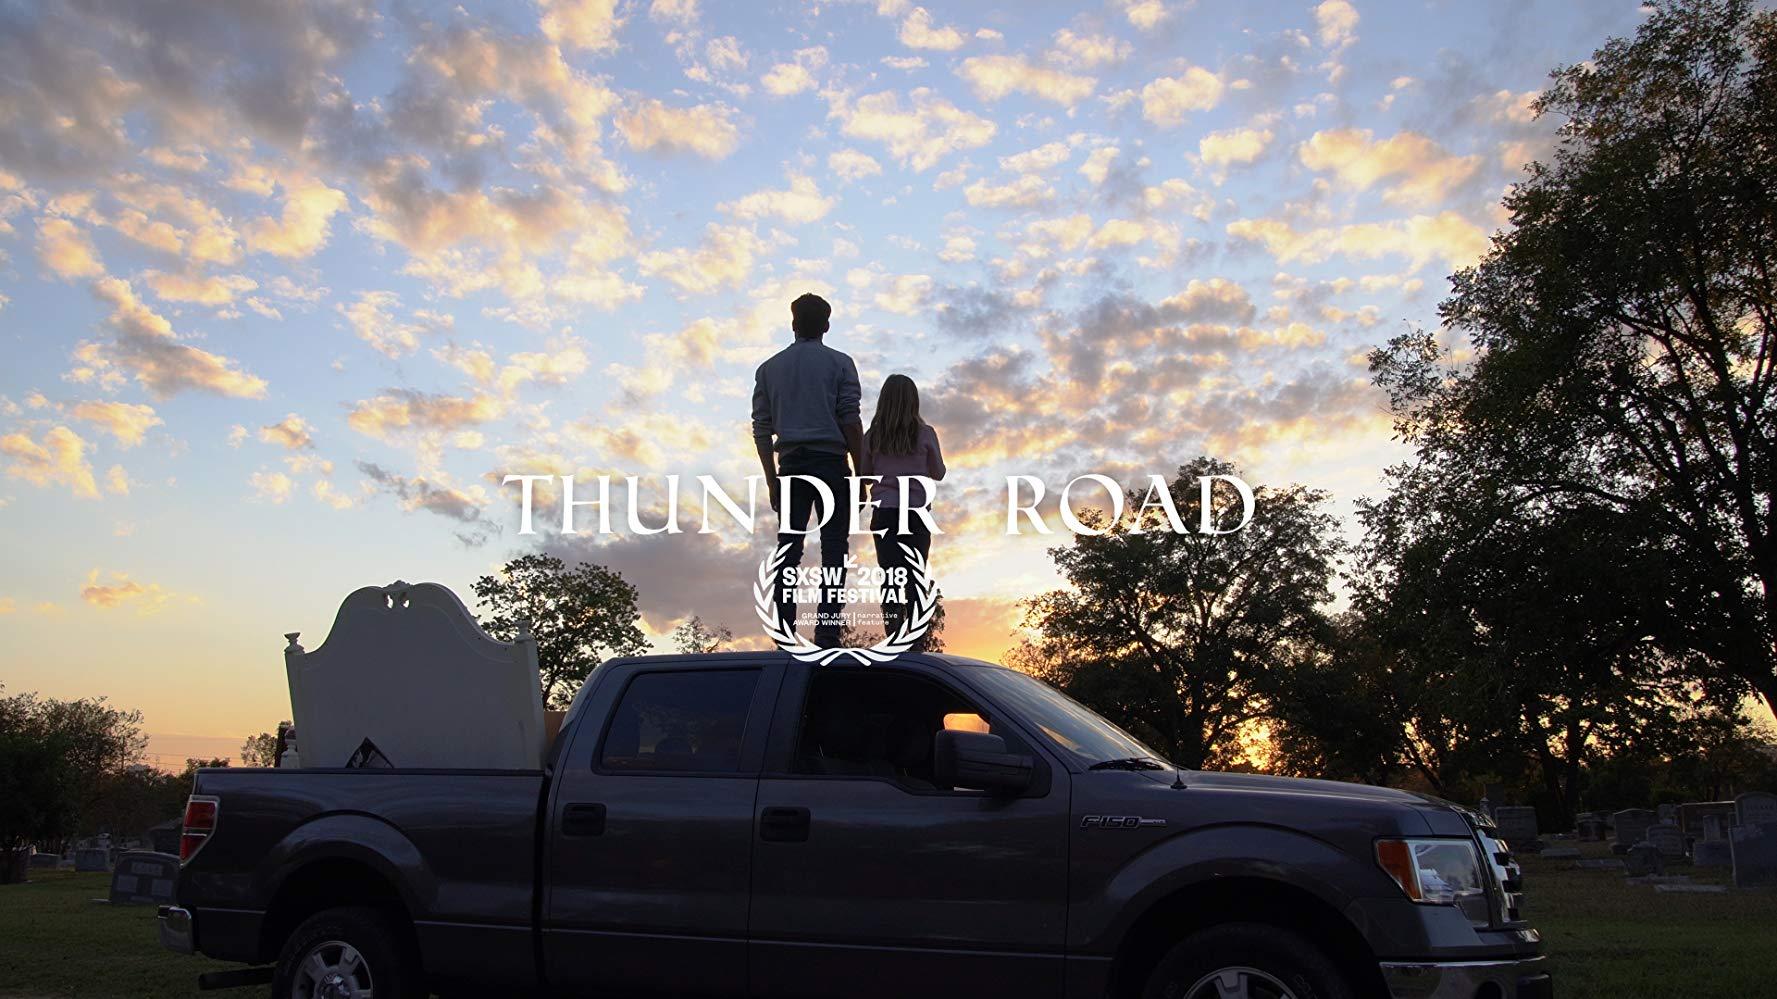 thunderroad5